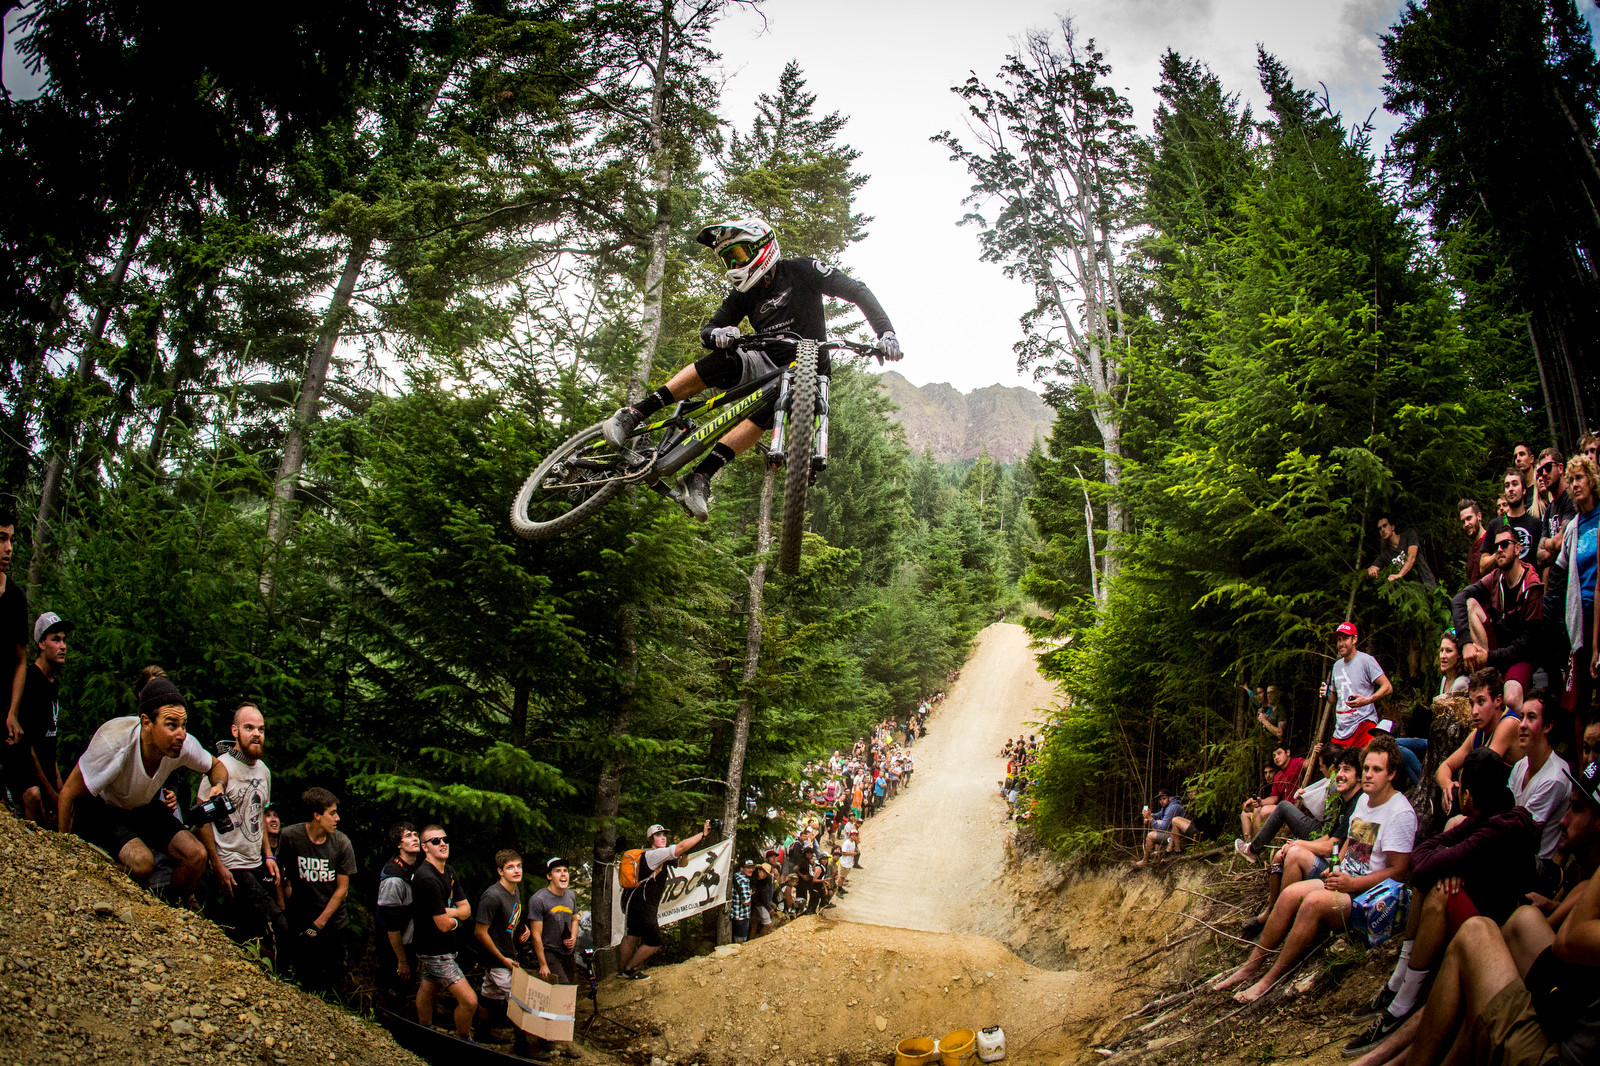 Jerome Clementz, Enduro Whip - Vertigo Bikes Whip Off at the Atlas Bar Wynyard Jam - Mountain Biking Pictures - Vital MTB